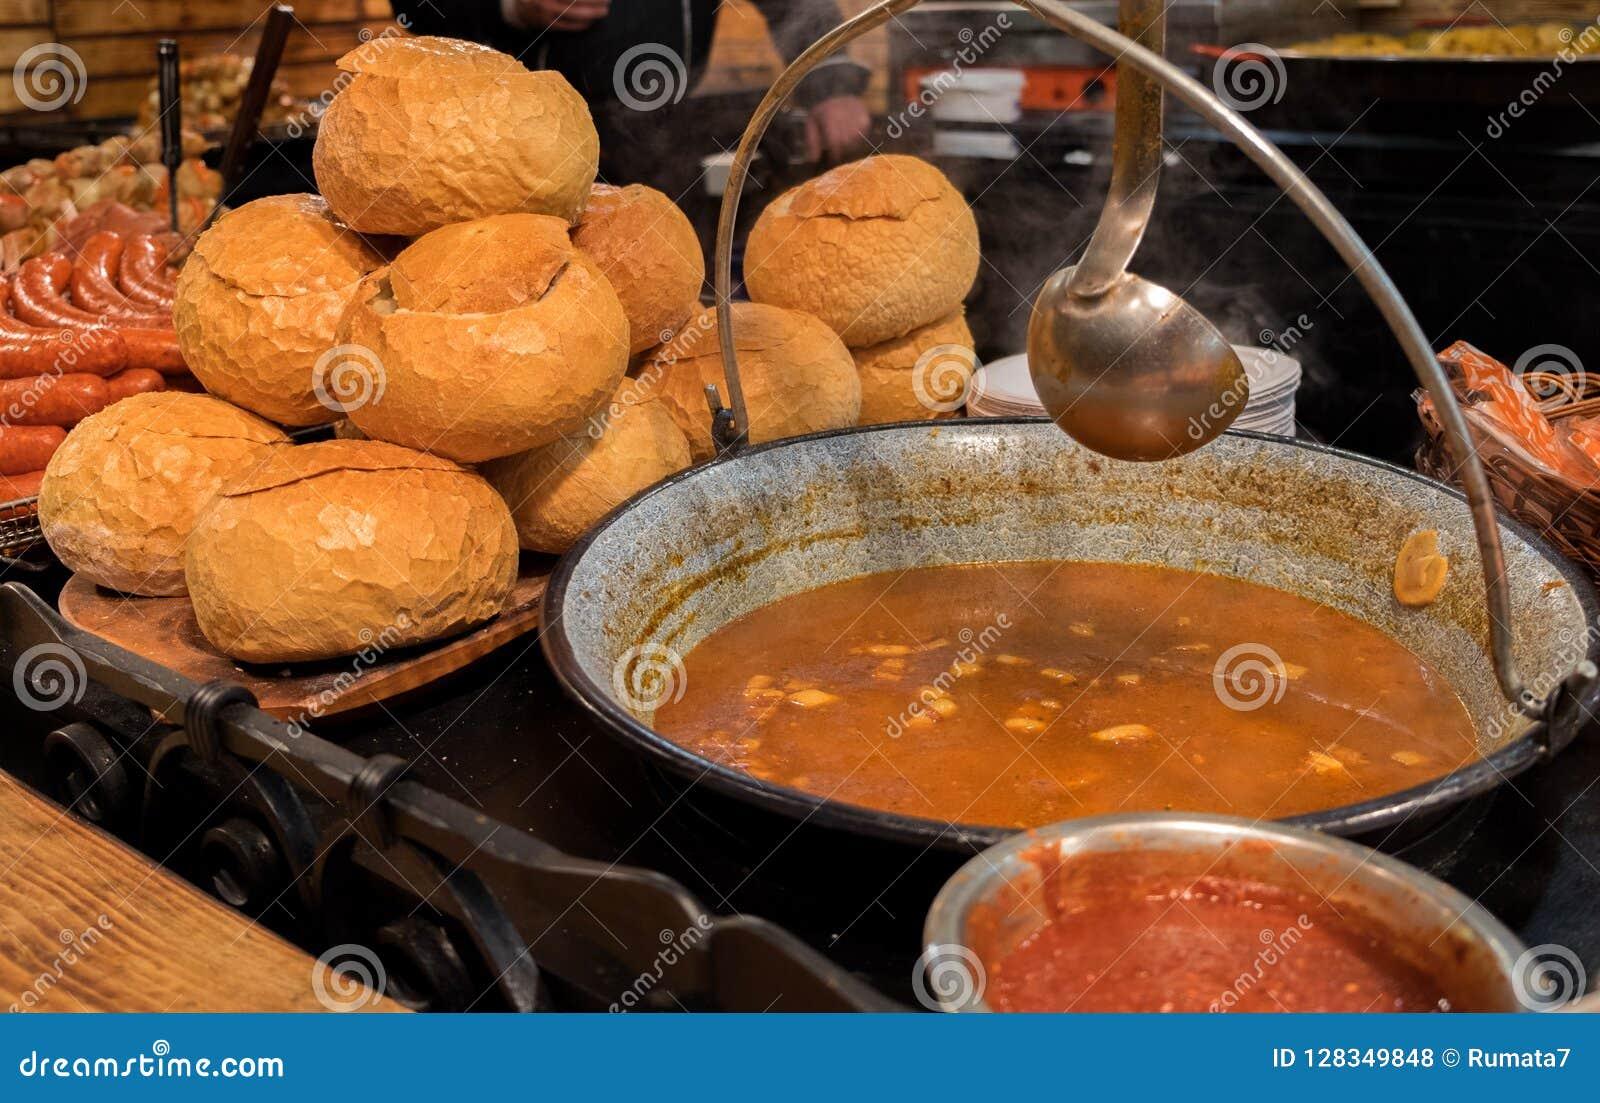 Goulash húngara - são uma sopa ou um guisado da carne e dos vegetais